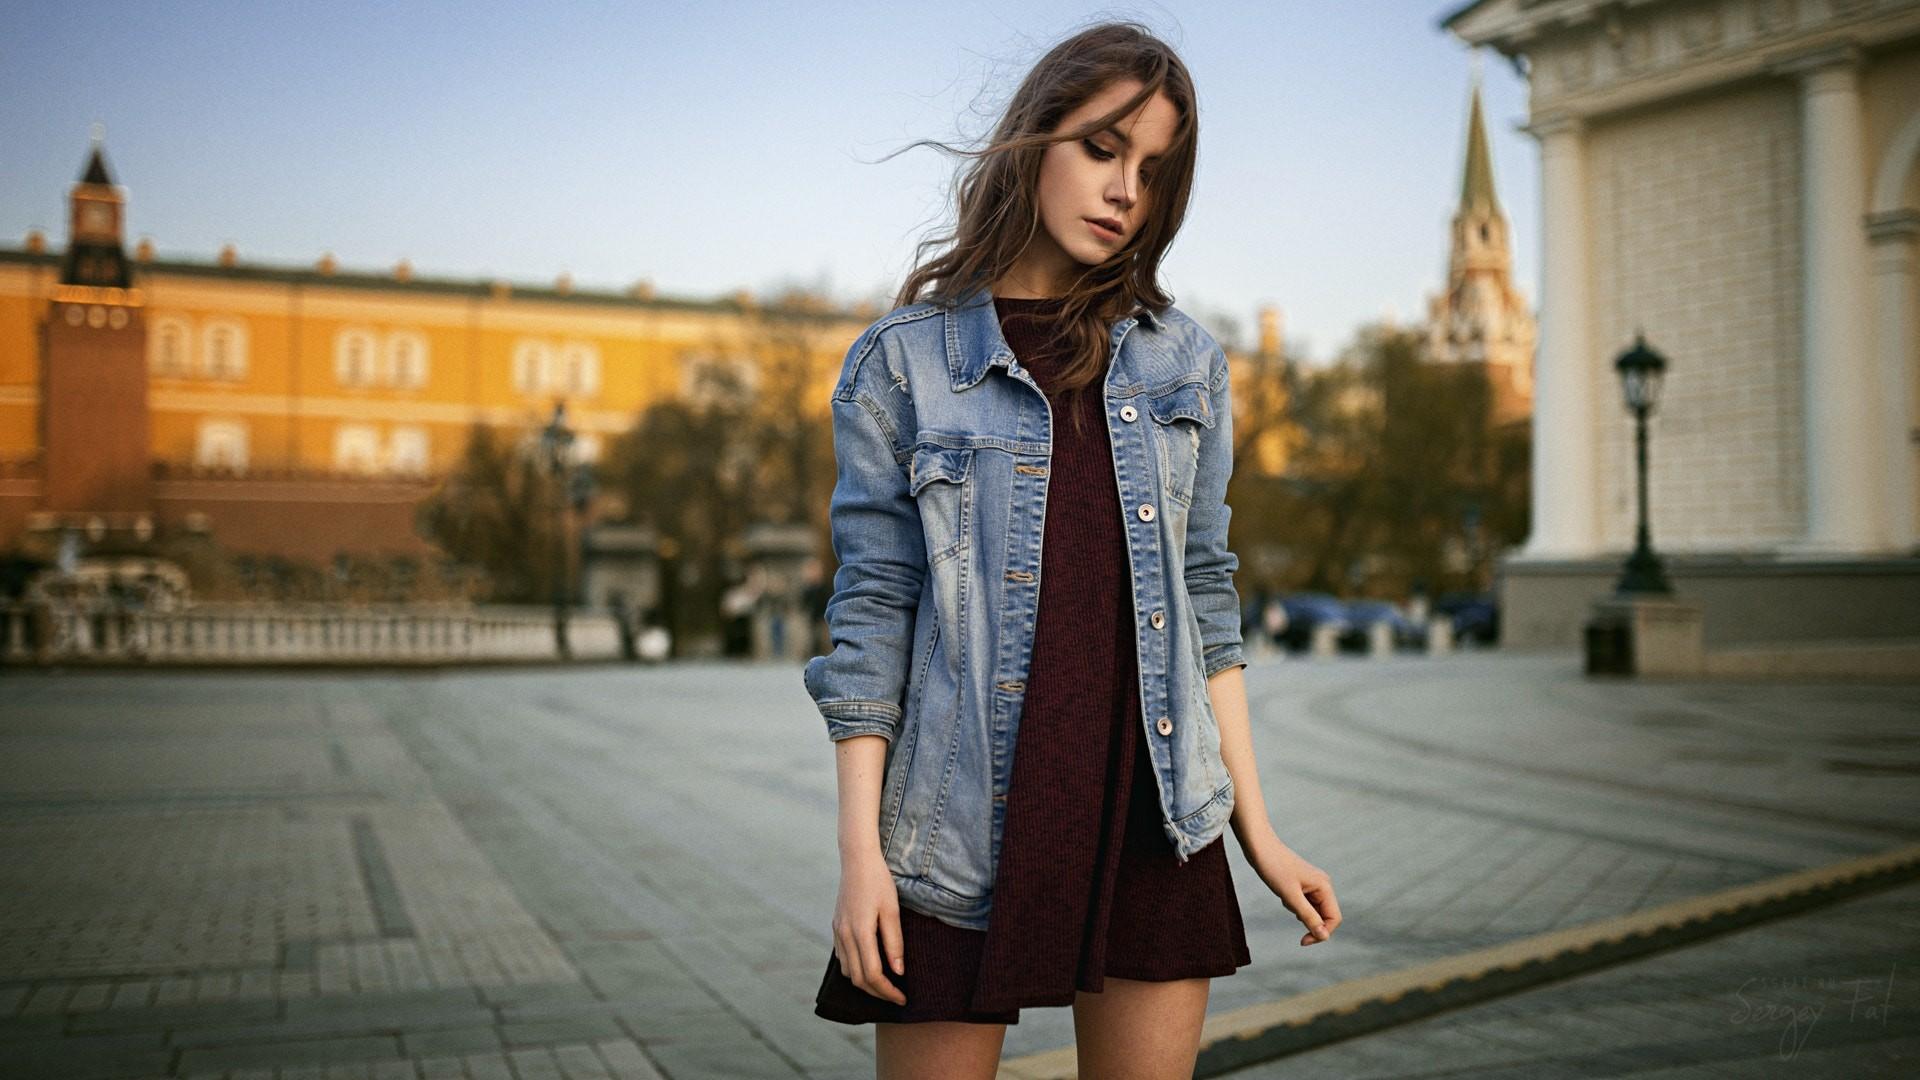 Ksenia Kokoreva Women Sergey Fat Dress Portrait Women Outdoors Jeans Jacket Hair In Face Jeans 1920x1080